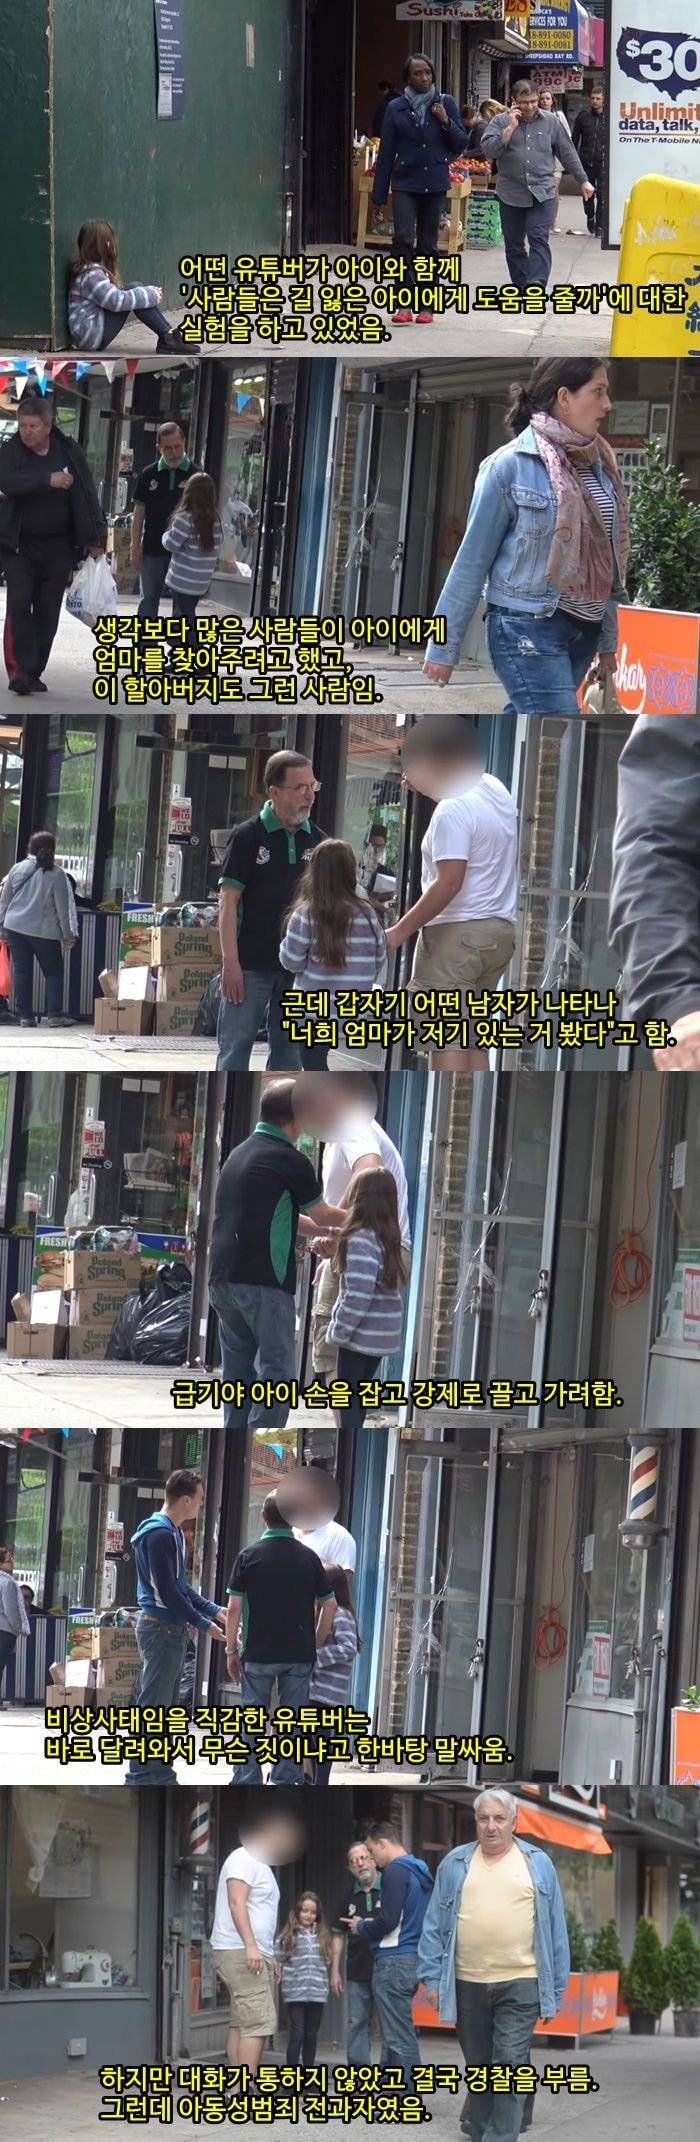 유튜브 촬영하다 큰일날뻔한 어린이.JPG | 인스티즈